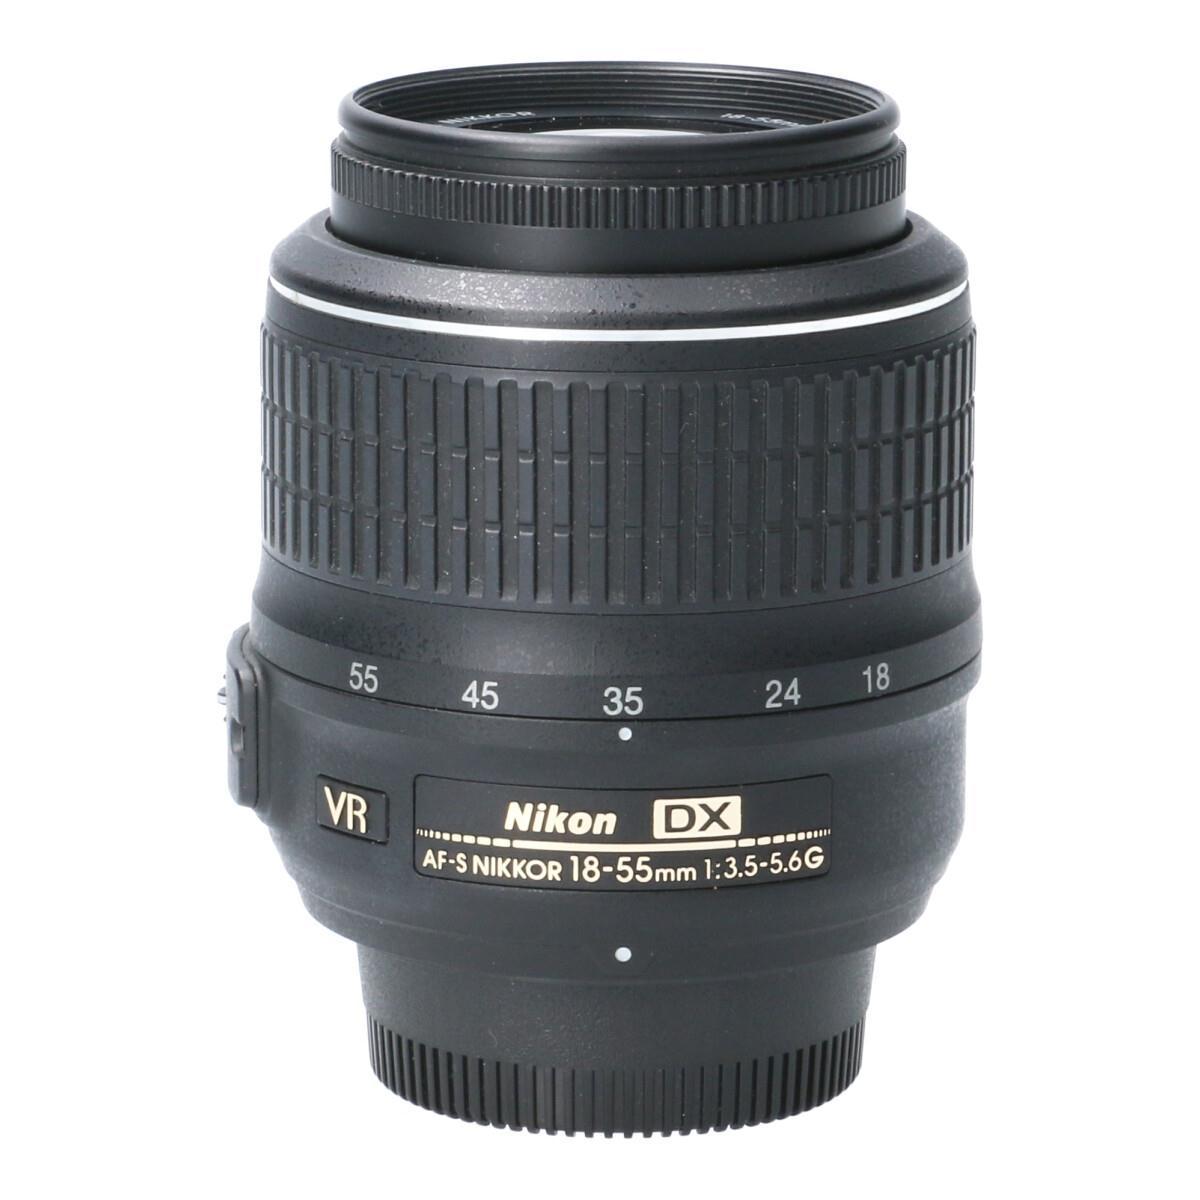 カメラ・ビデオカメラ・光学機器, カメラ用交換レンズ NIKON AFS DX1855mm F3556G VR